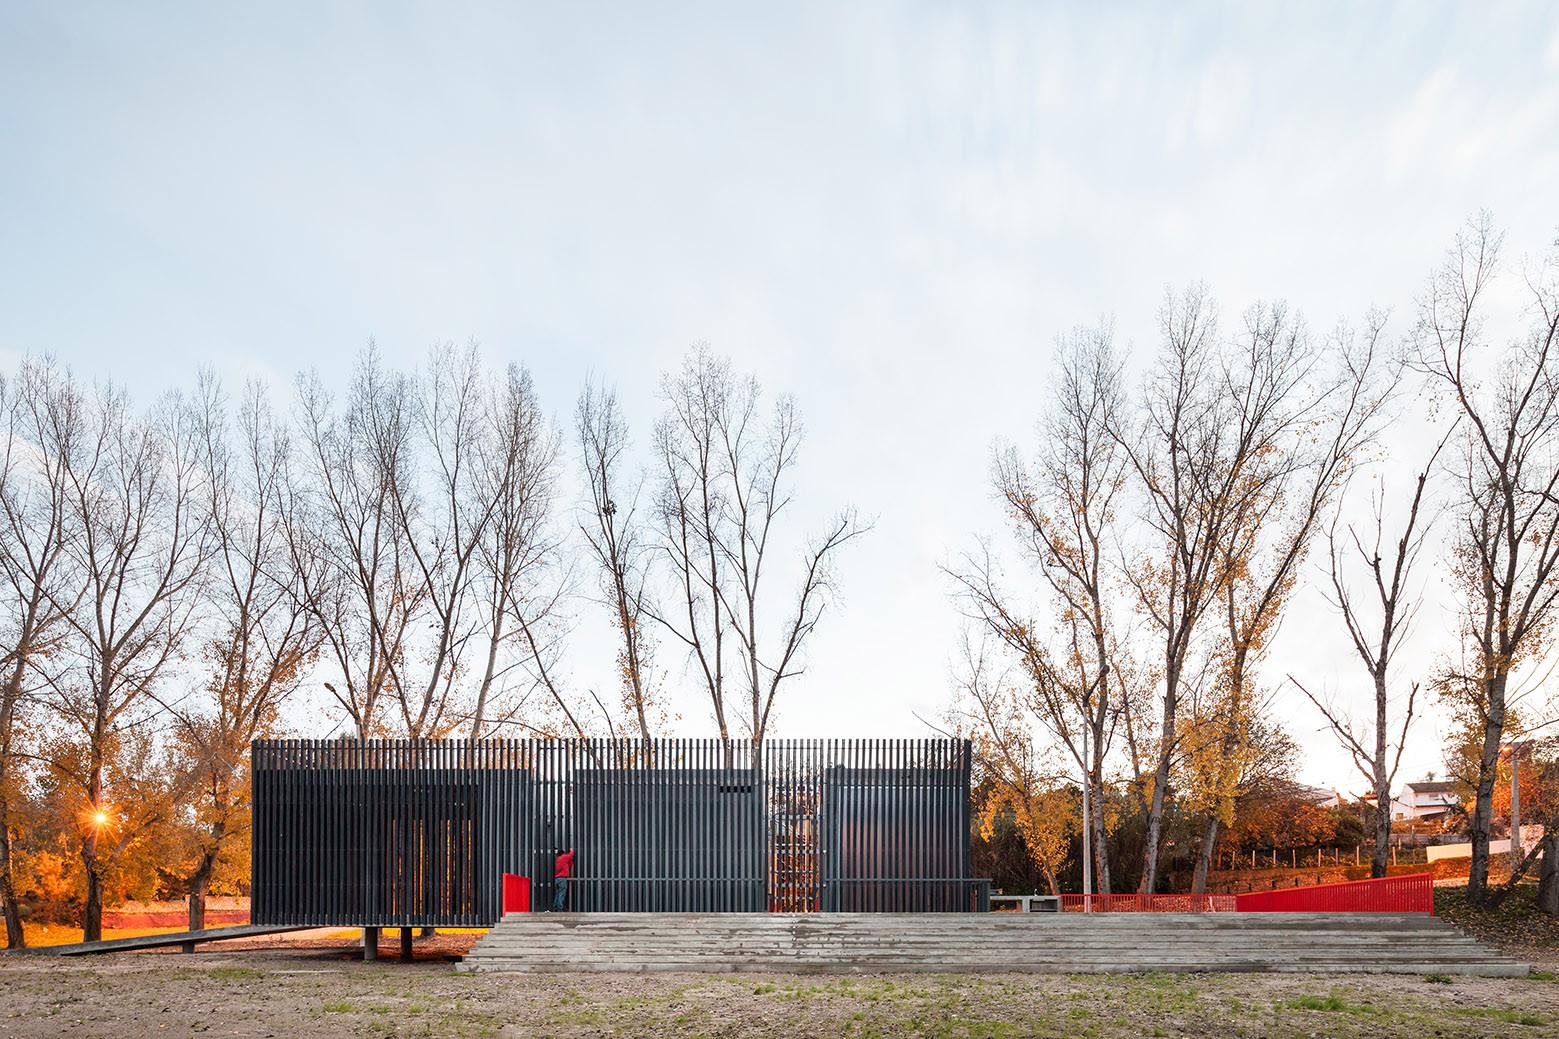 Centro de Piragüismo en Alvega / ateliermob, © Francisco Nogueira